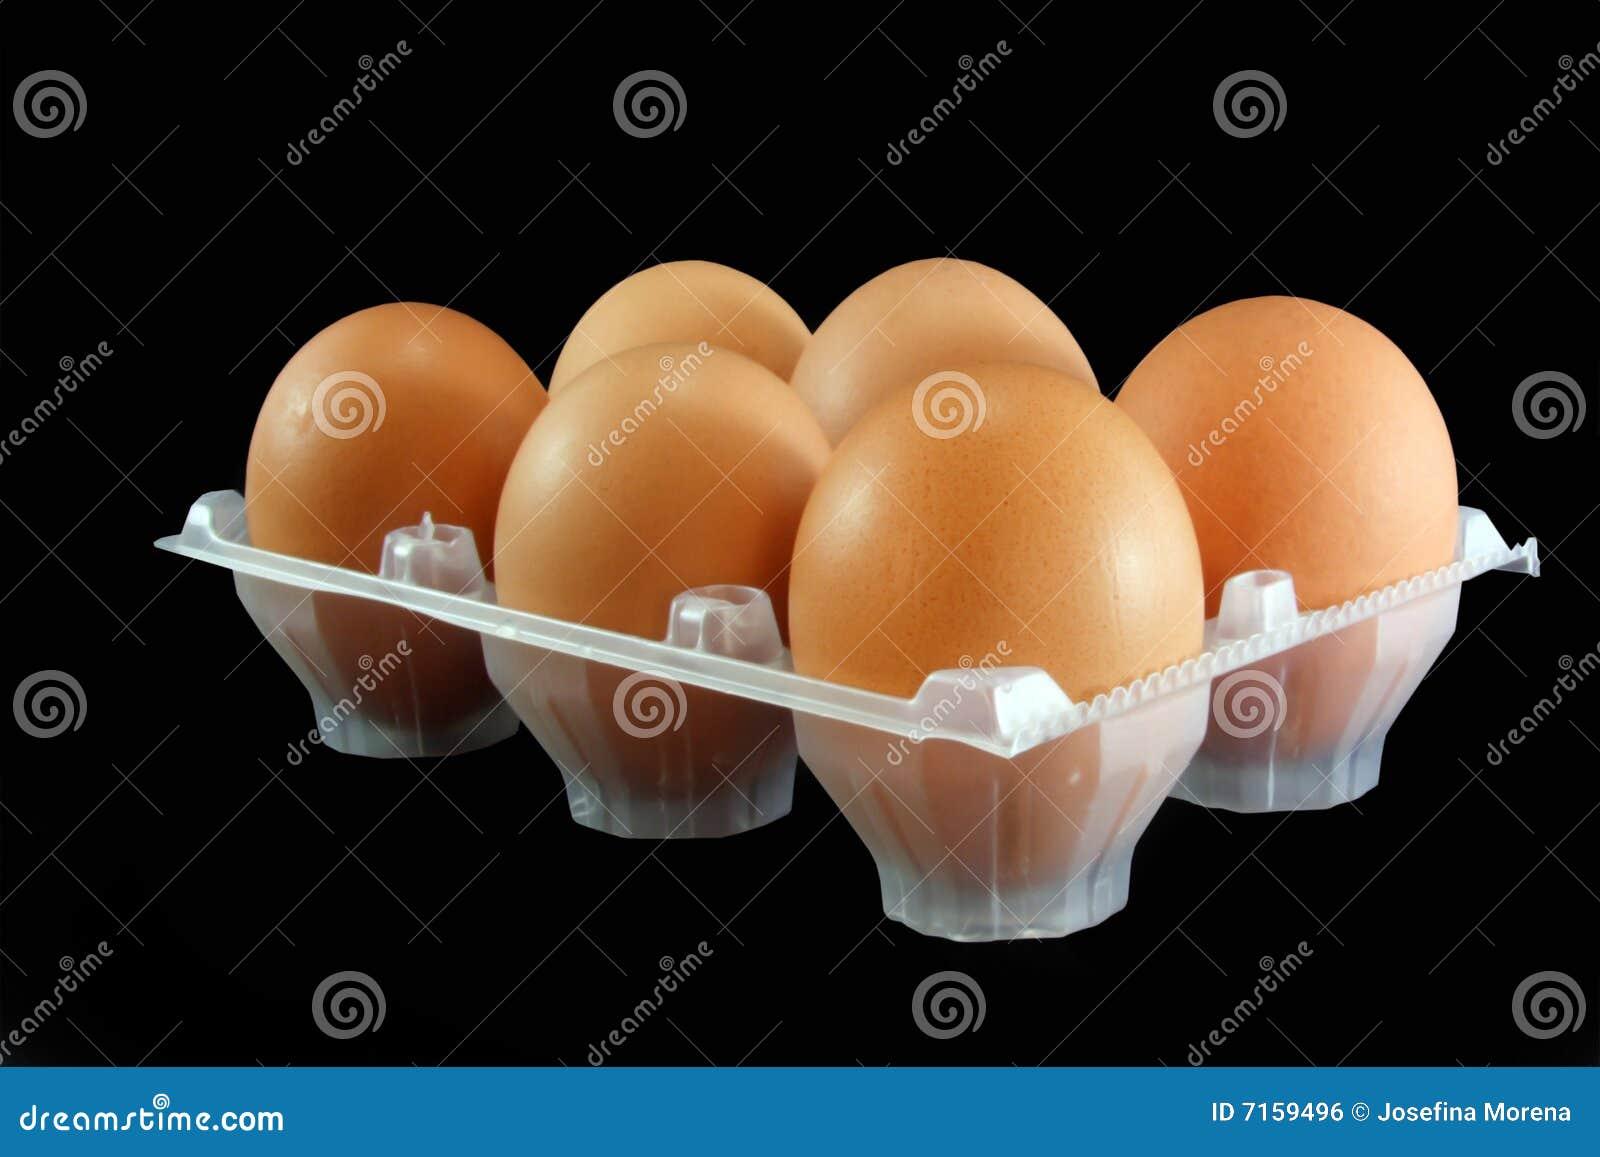 Ovos da galinha